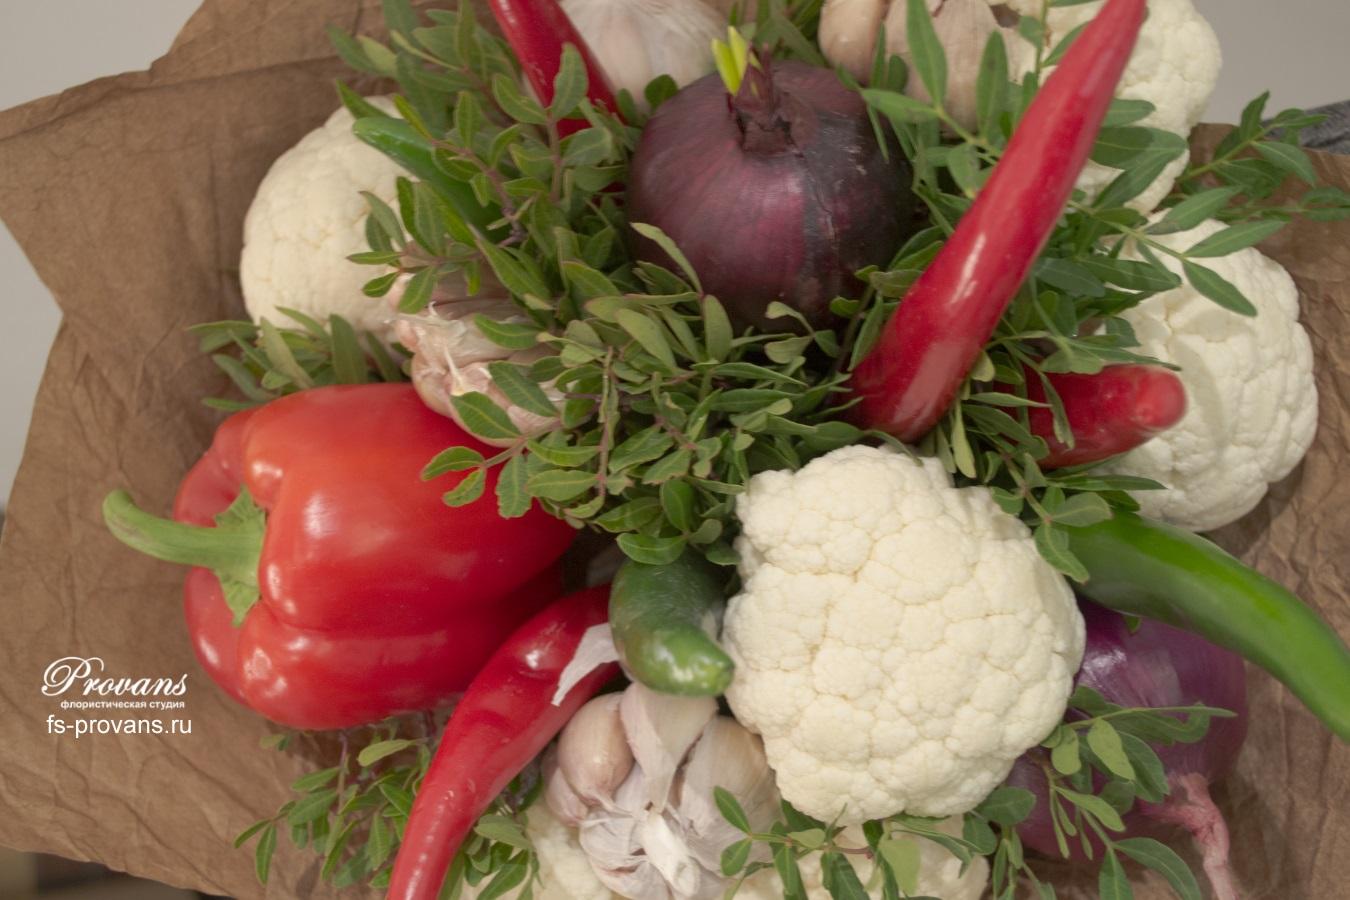 Букет из овощей. Капуста, перец, лук